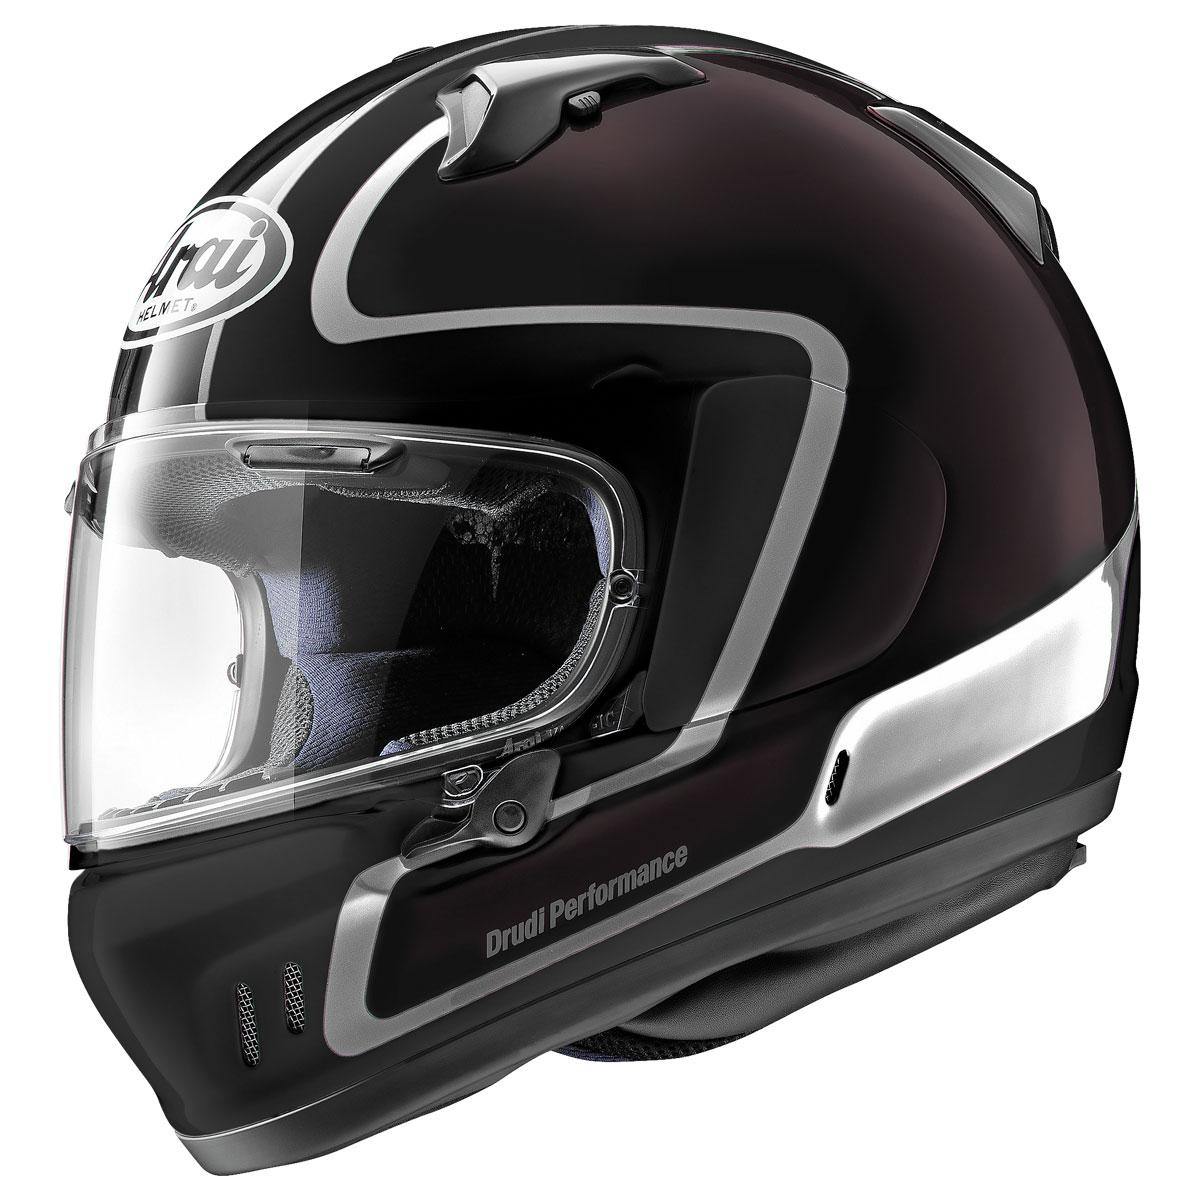 Arai Defiant-X Outline Black Full Face Helmet